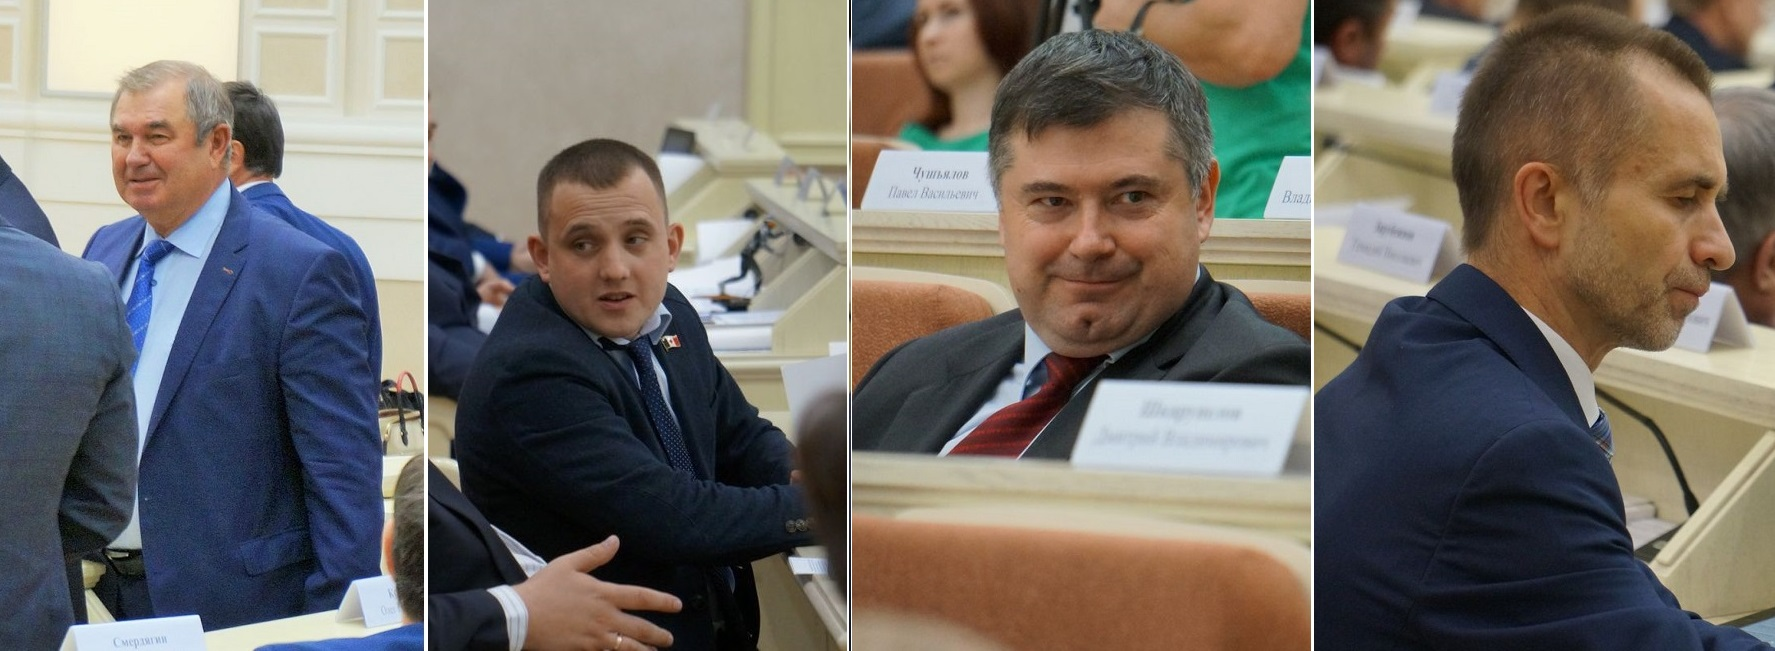 Алексей Прасолов, Тимур Ягафаров, Владимир Чепкасов, Фарид Юнусов. Фото: © «ДЕНЬ.org»